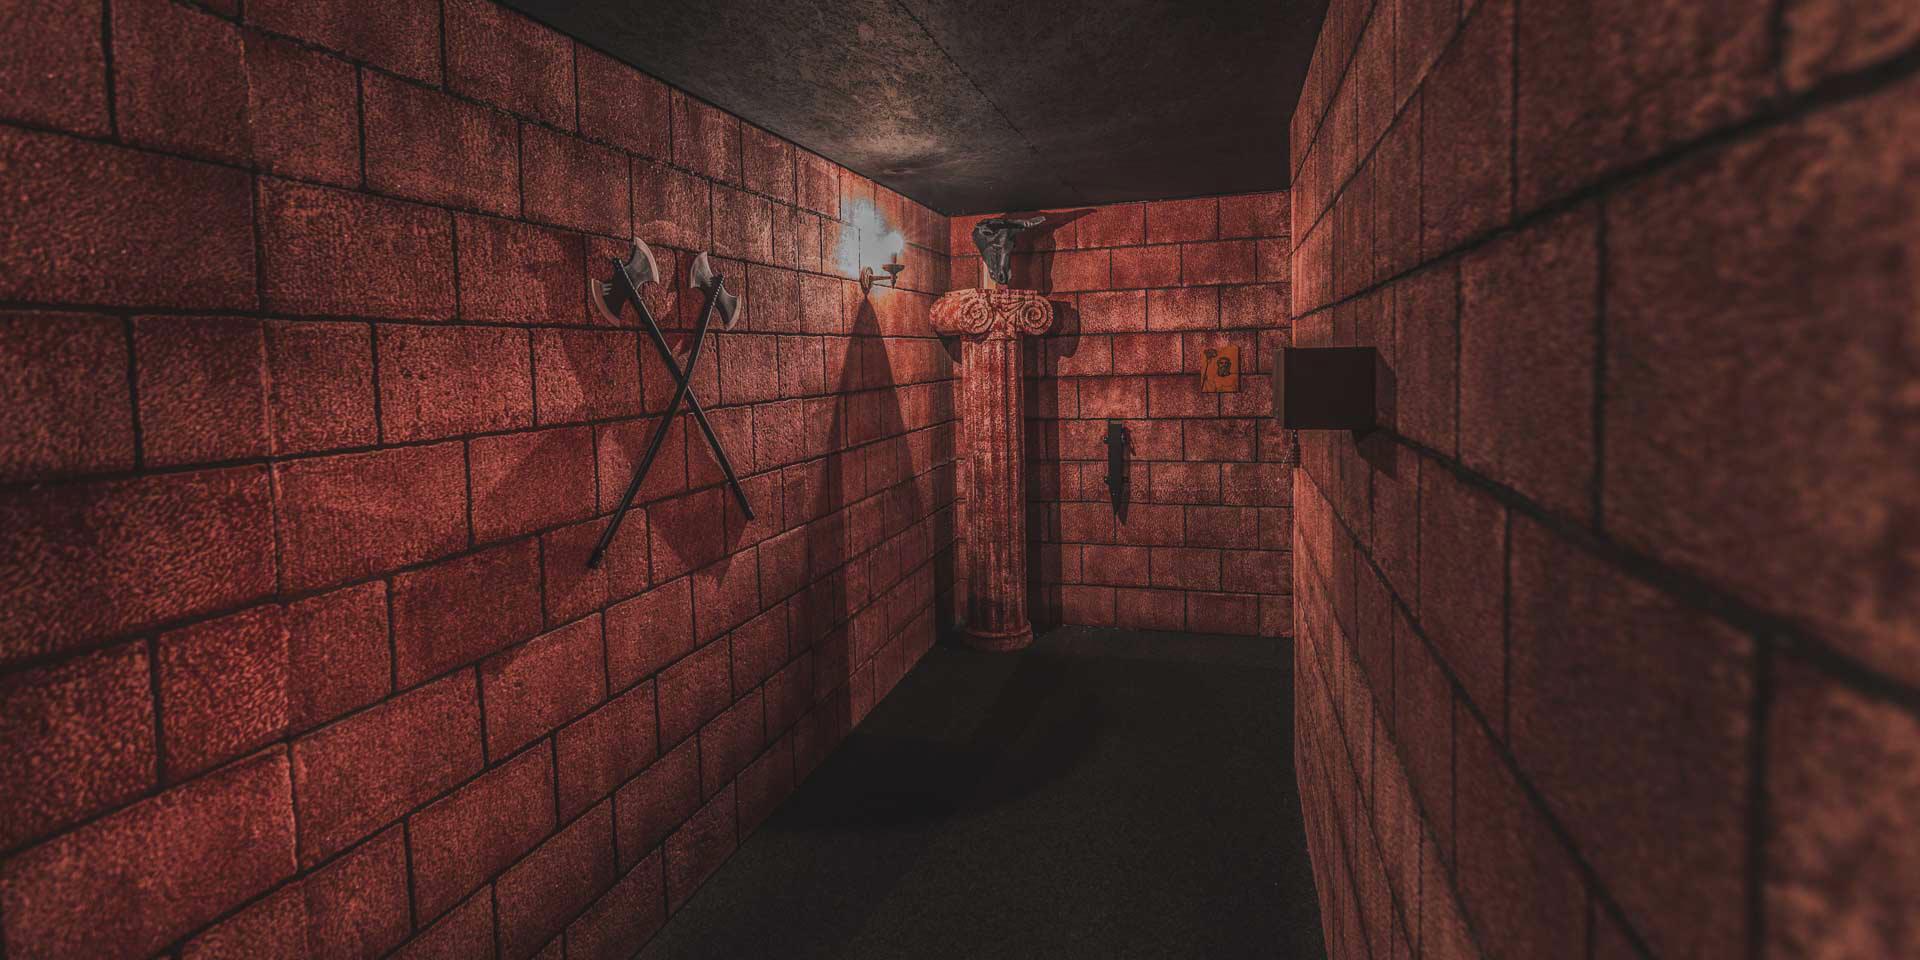 minotaurus-labyrinth-escape-arena-elbepark